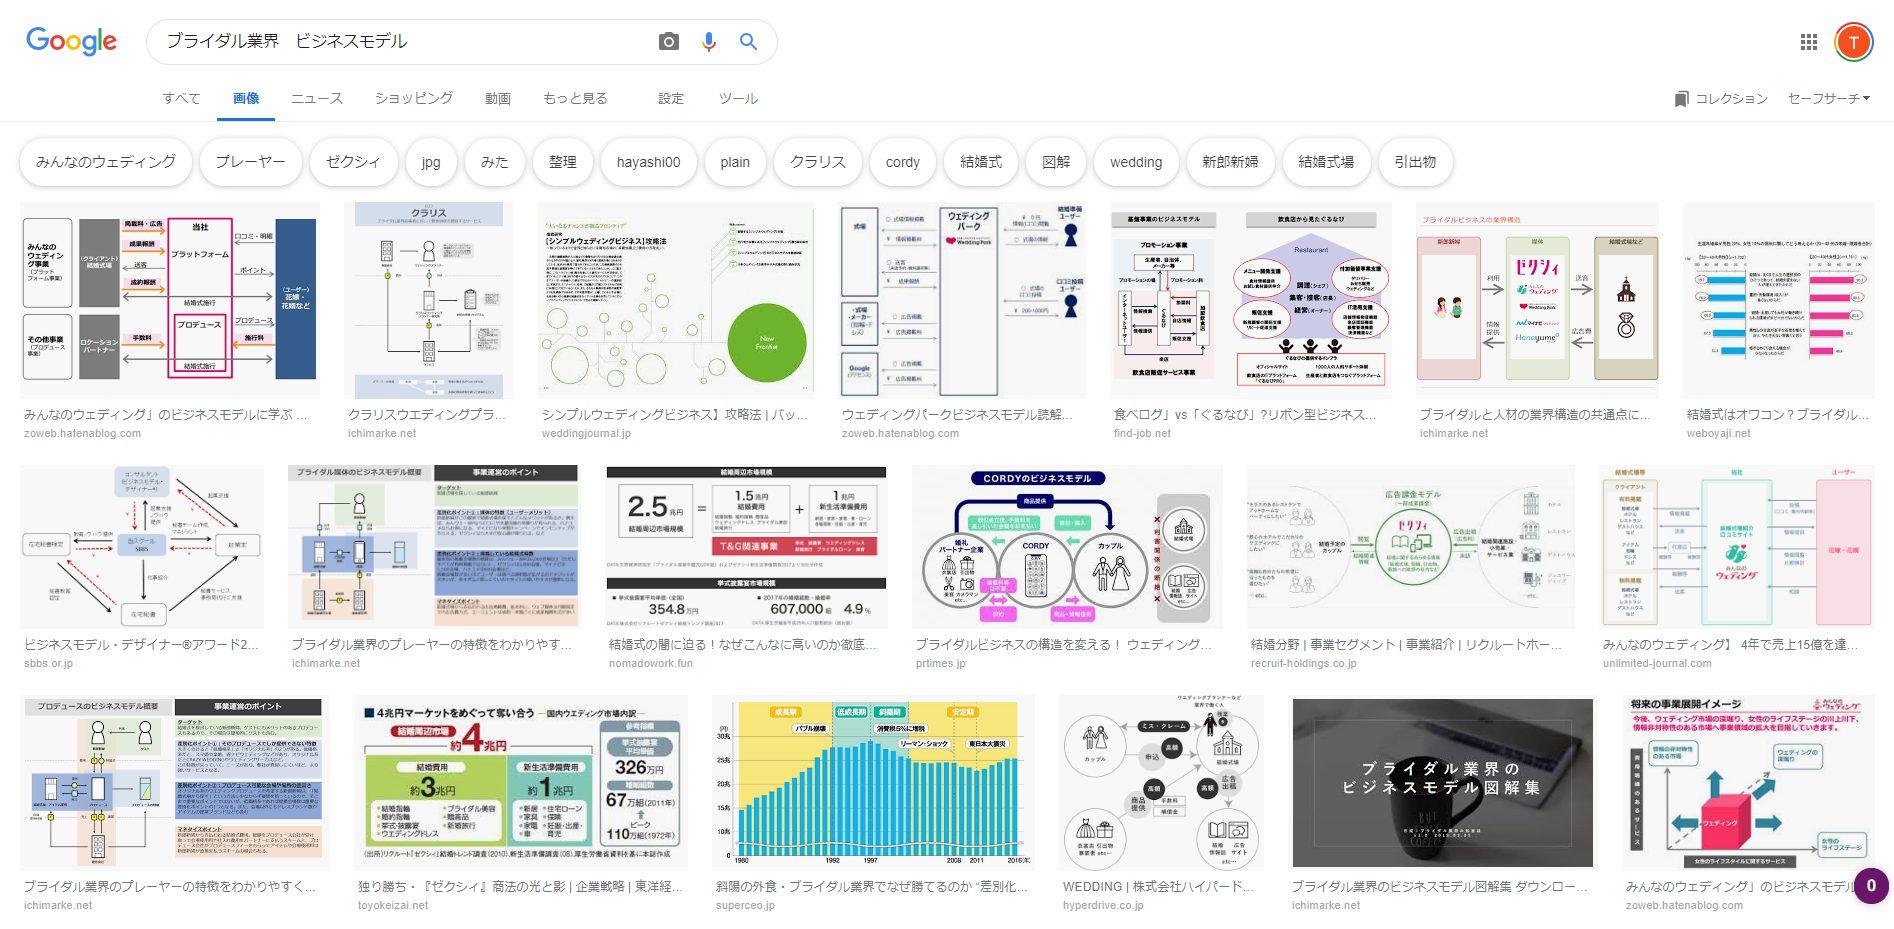 ブライダル業界のビジネスモデルの検索結果